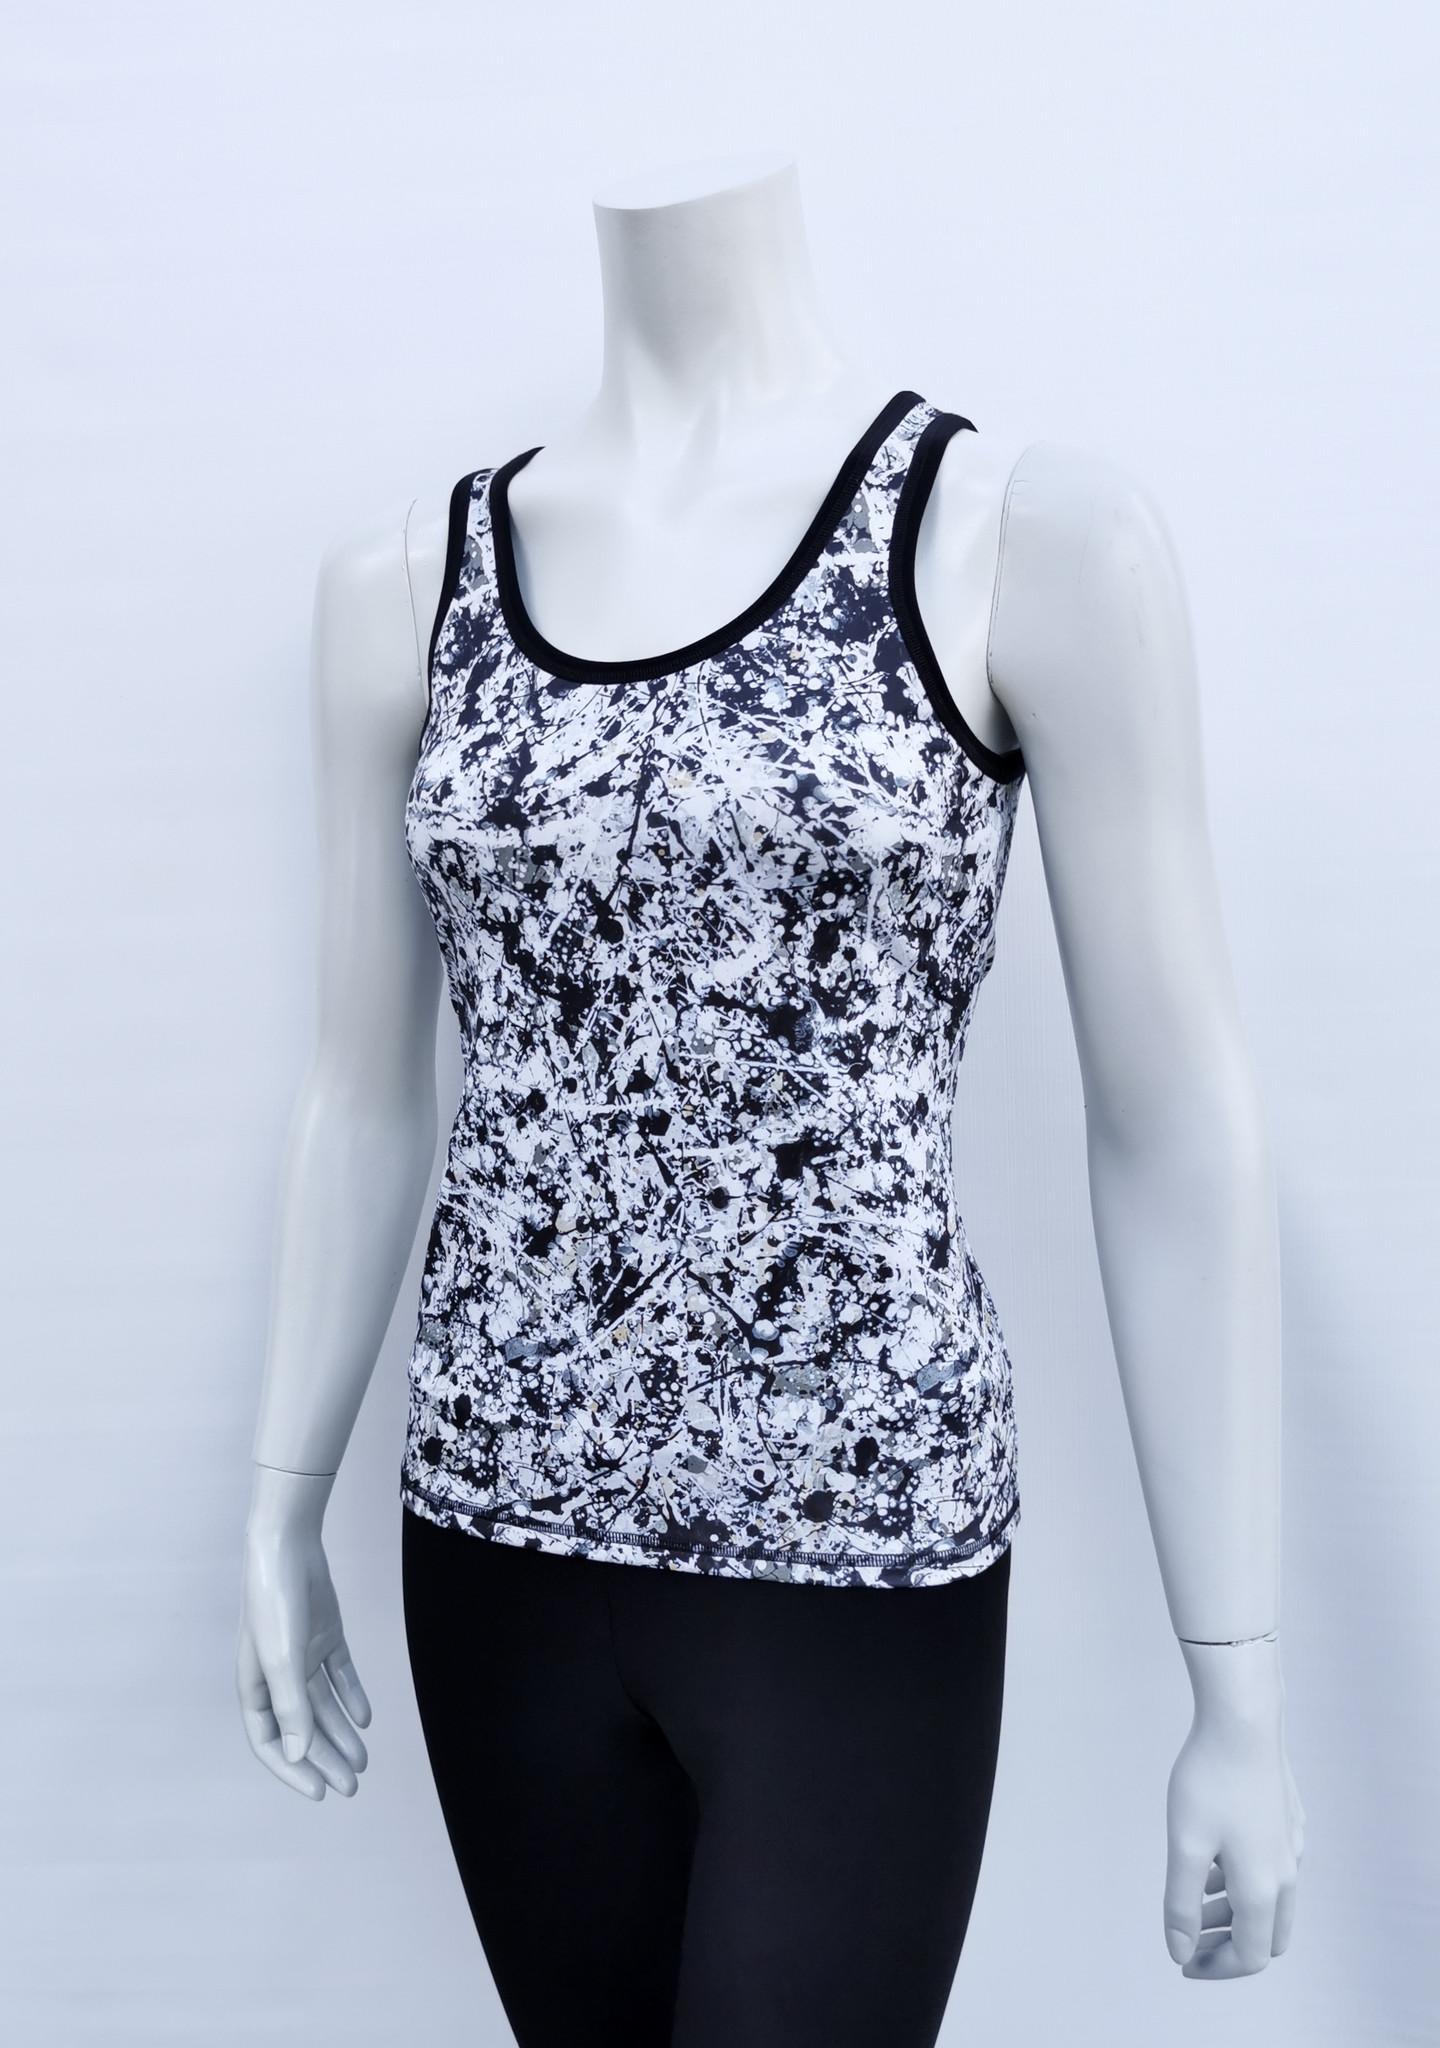 Camisole Black N White